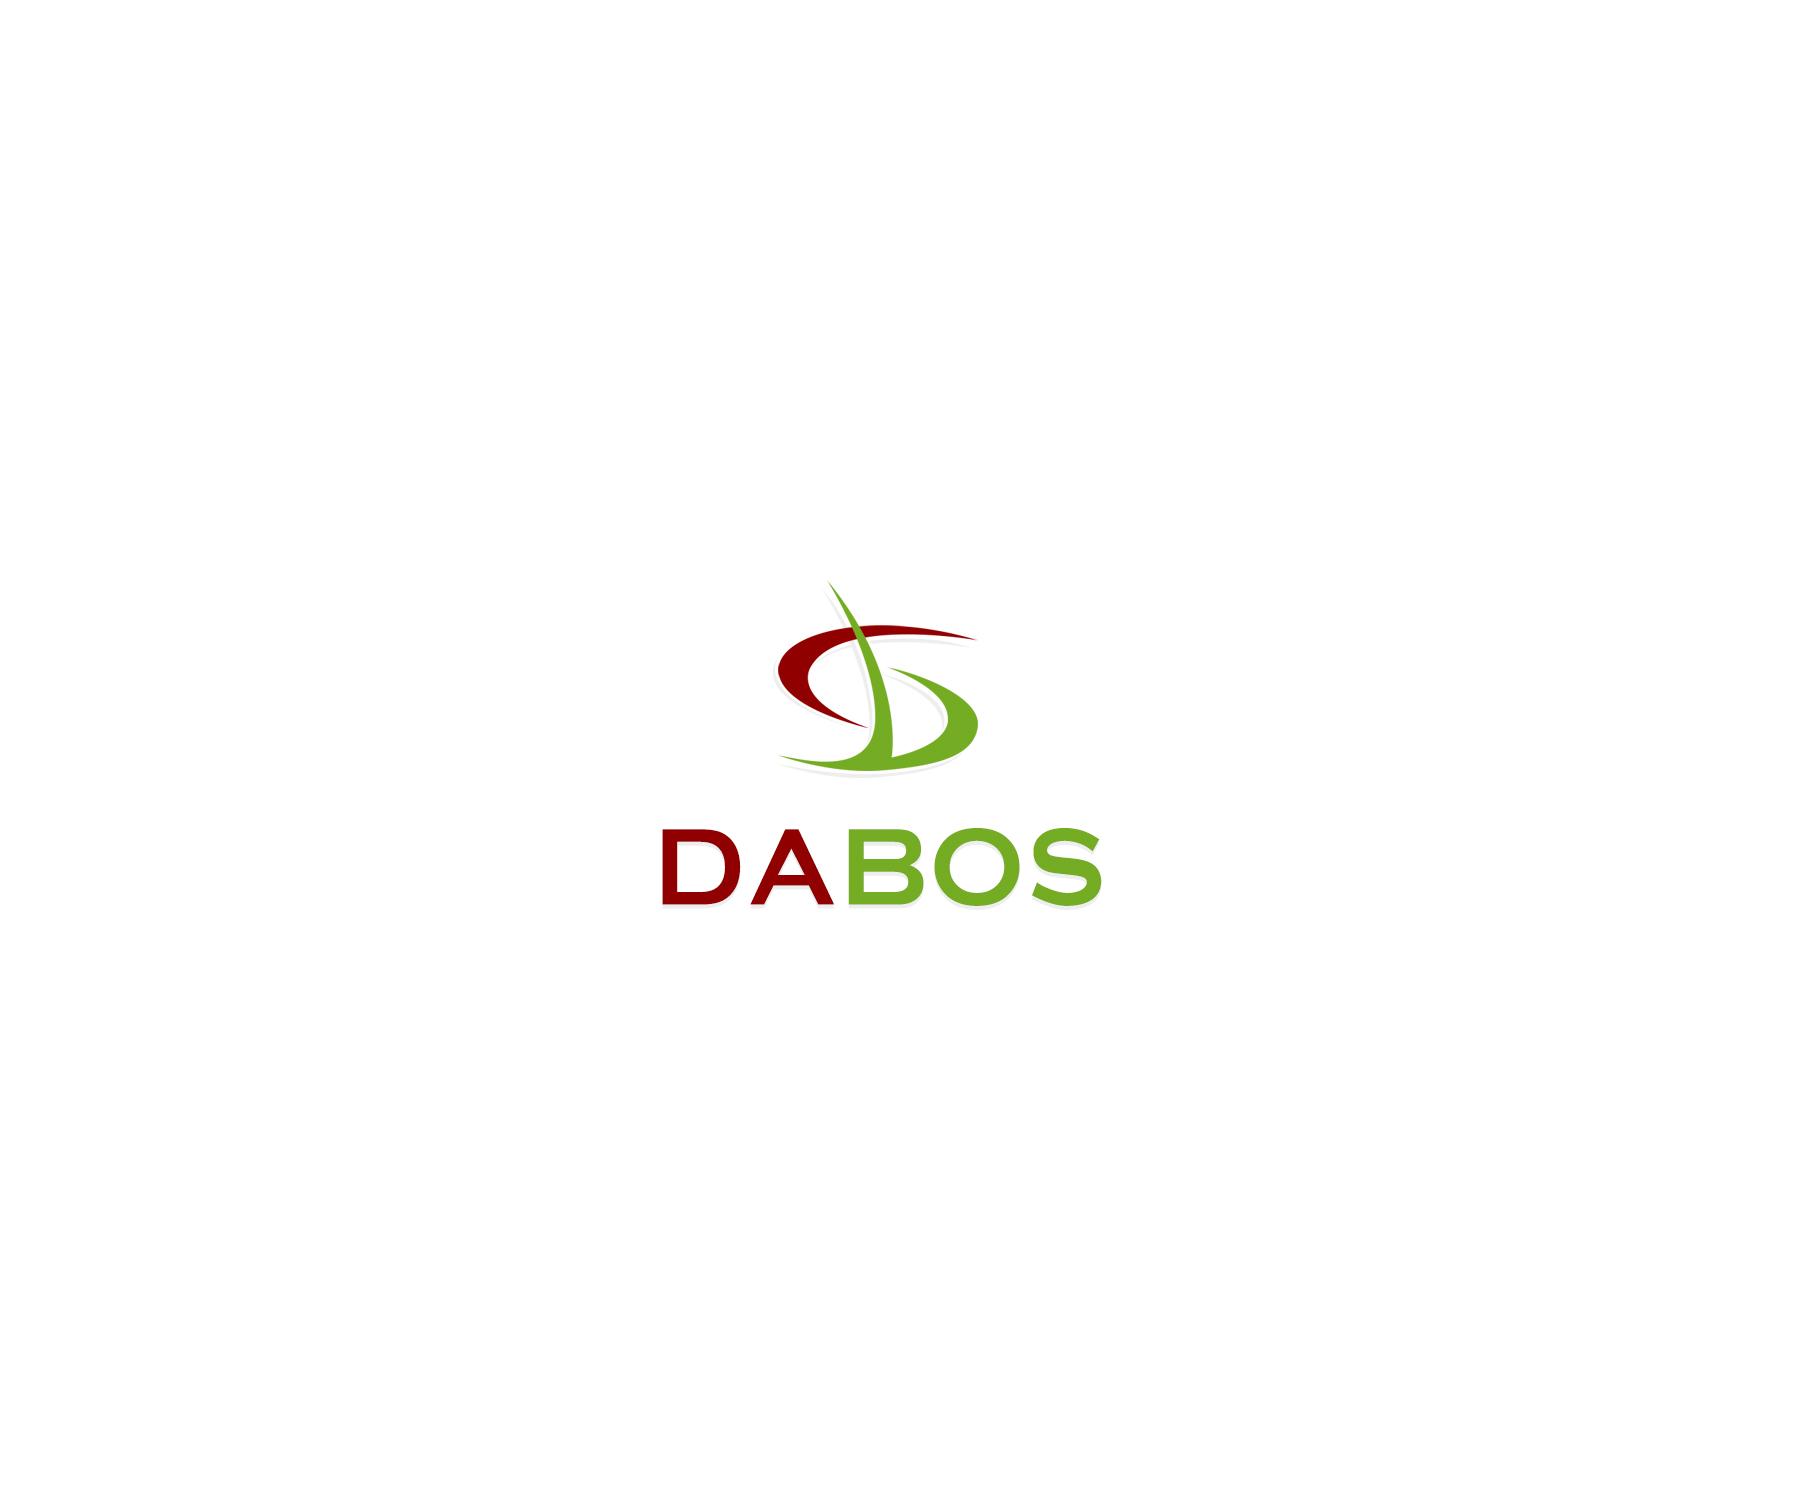 Logo Design by Burhan uddin Sheik - Entry No. 42 in the Logo Design Contest Imaginative Logo Design for DABOS, Limited Liability Company.